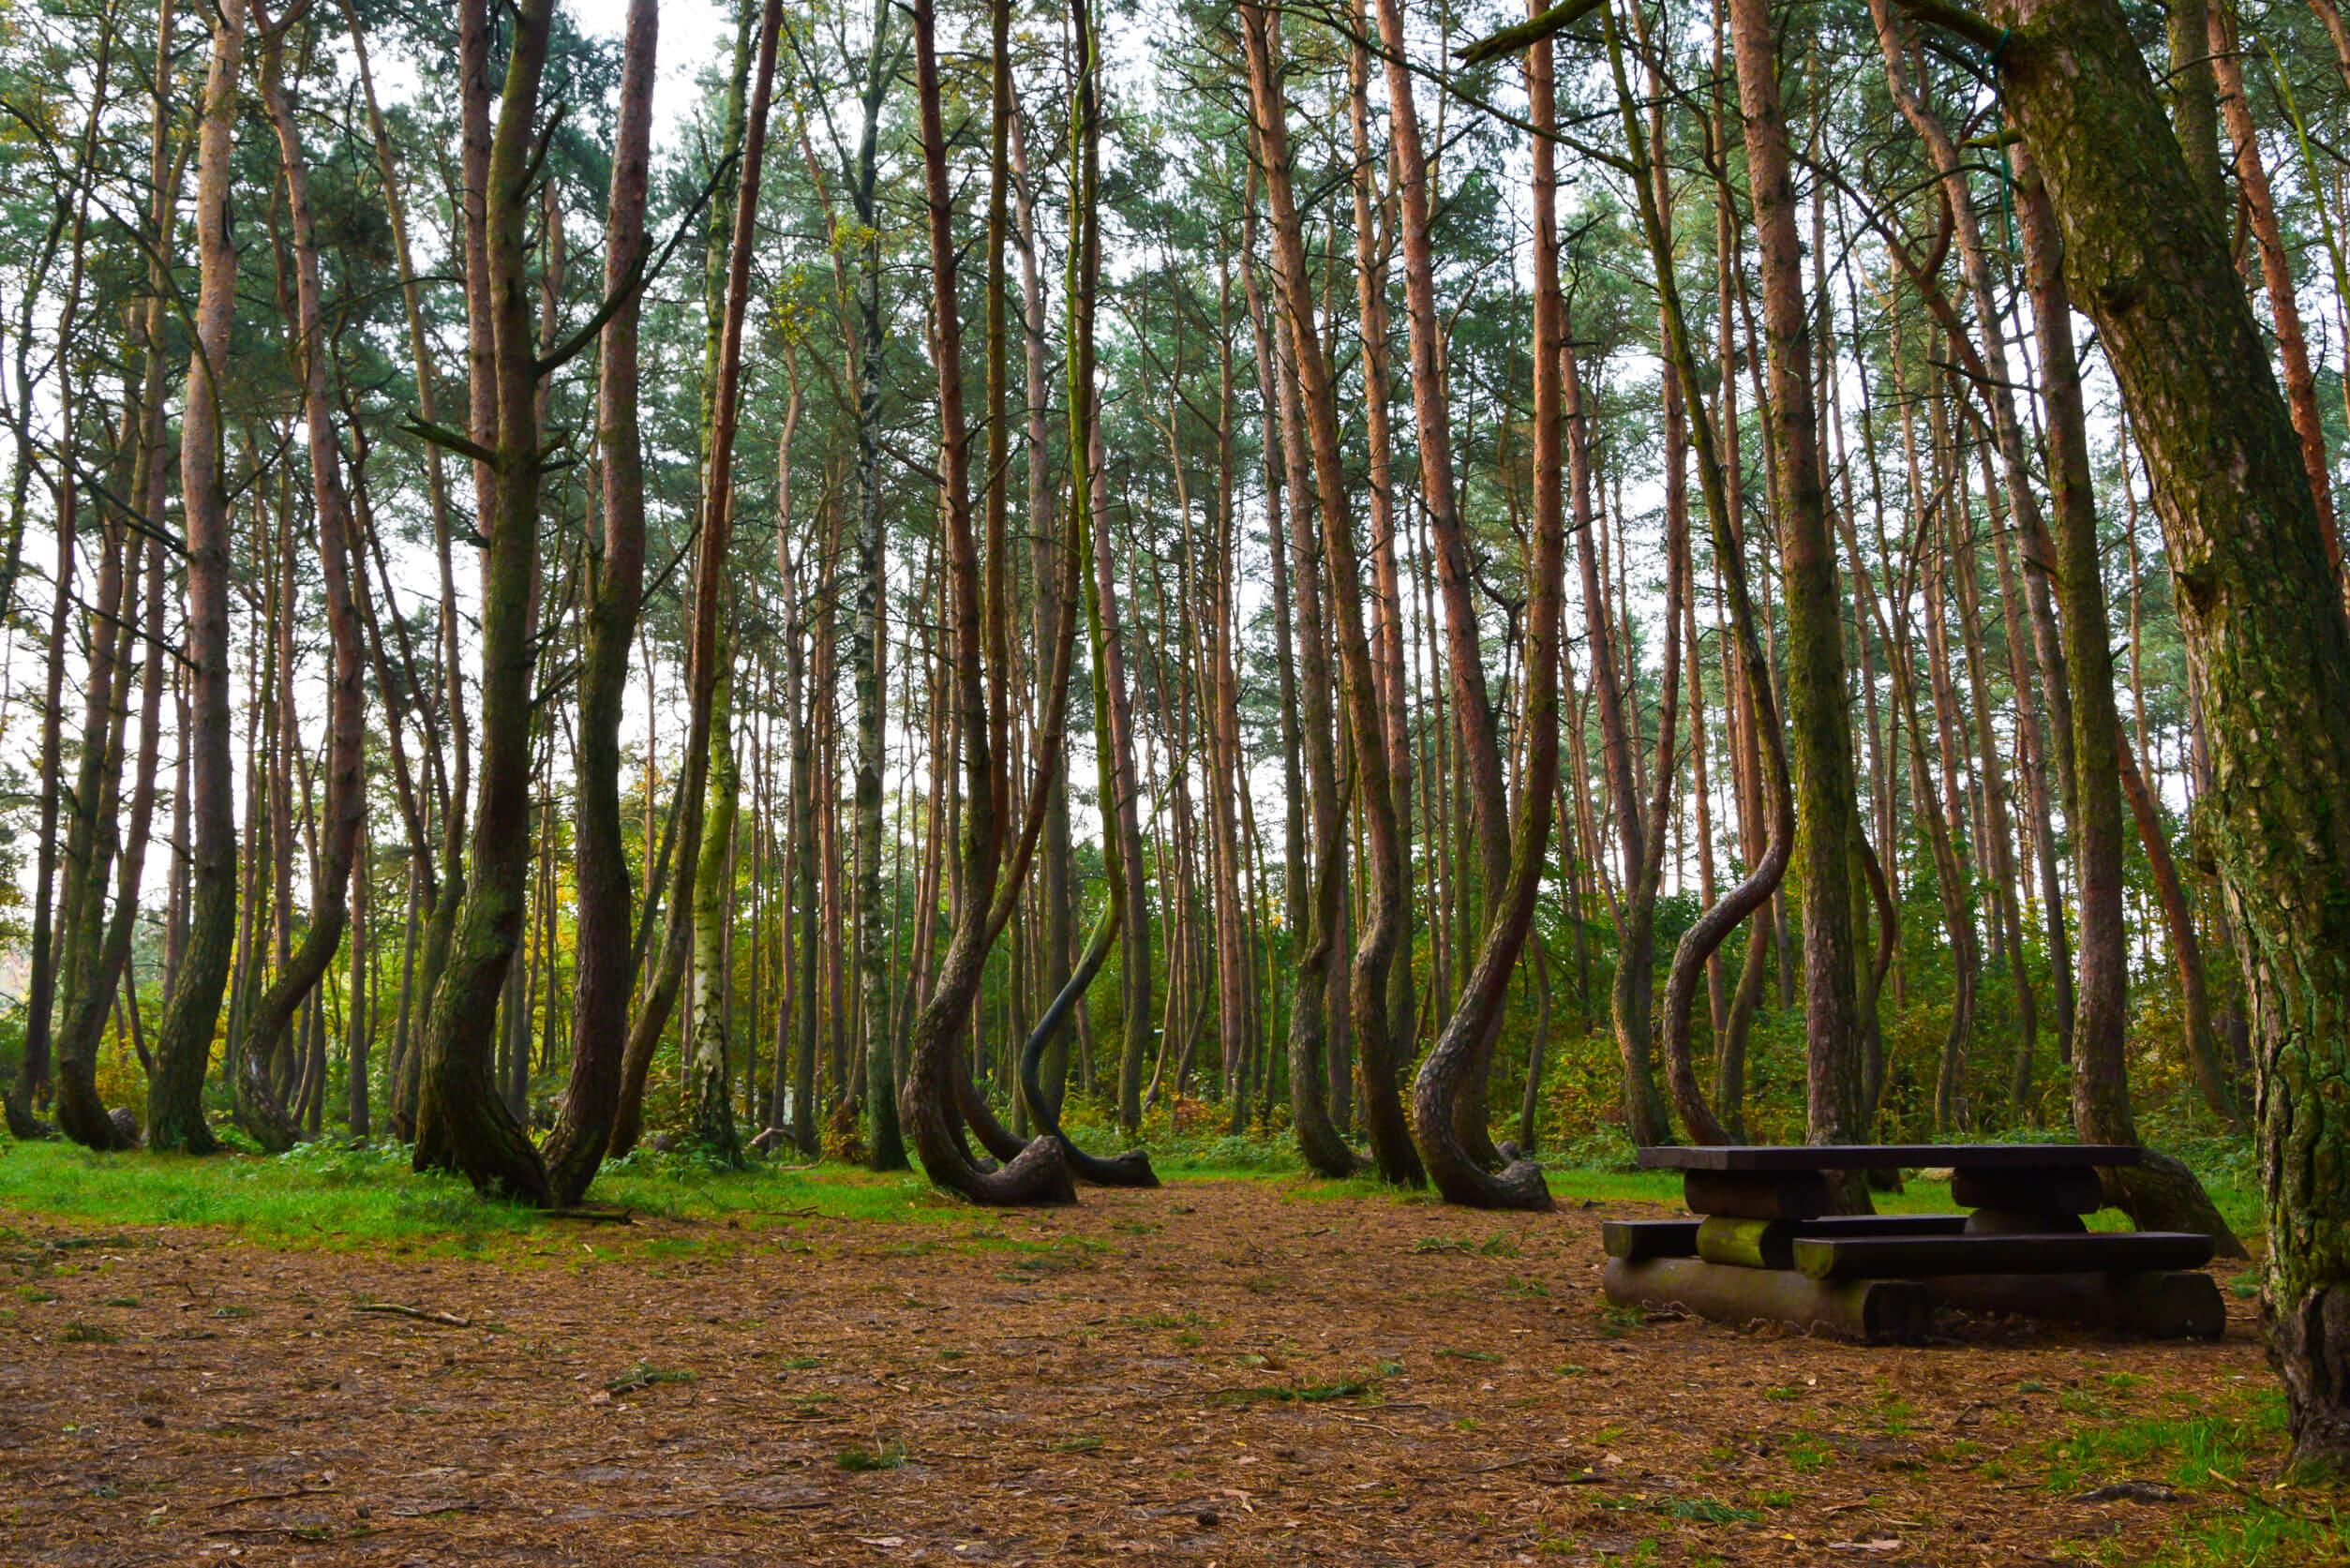 krzywy-las.jpg